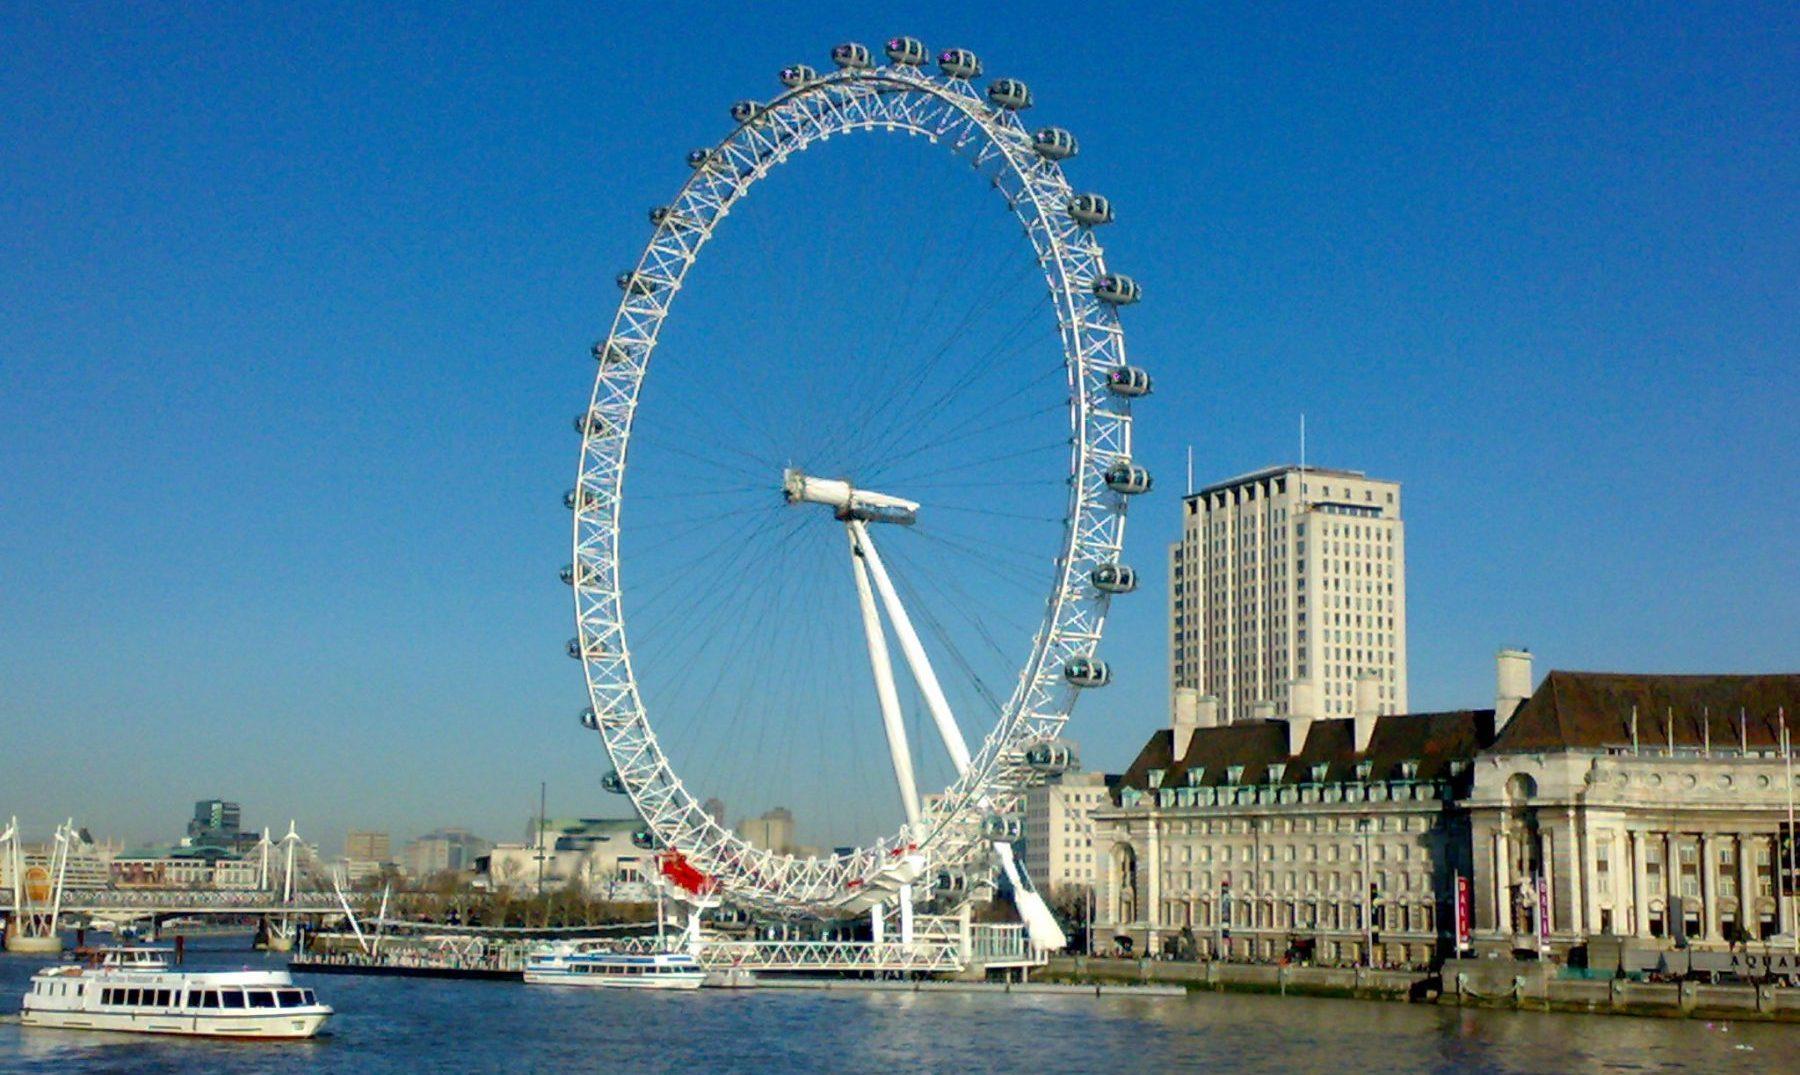 5 cosas que probablemente no conoces sobre el famoso London Eye